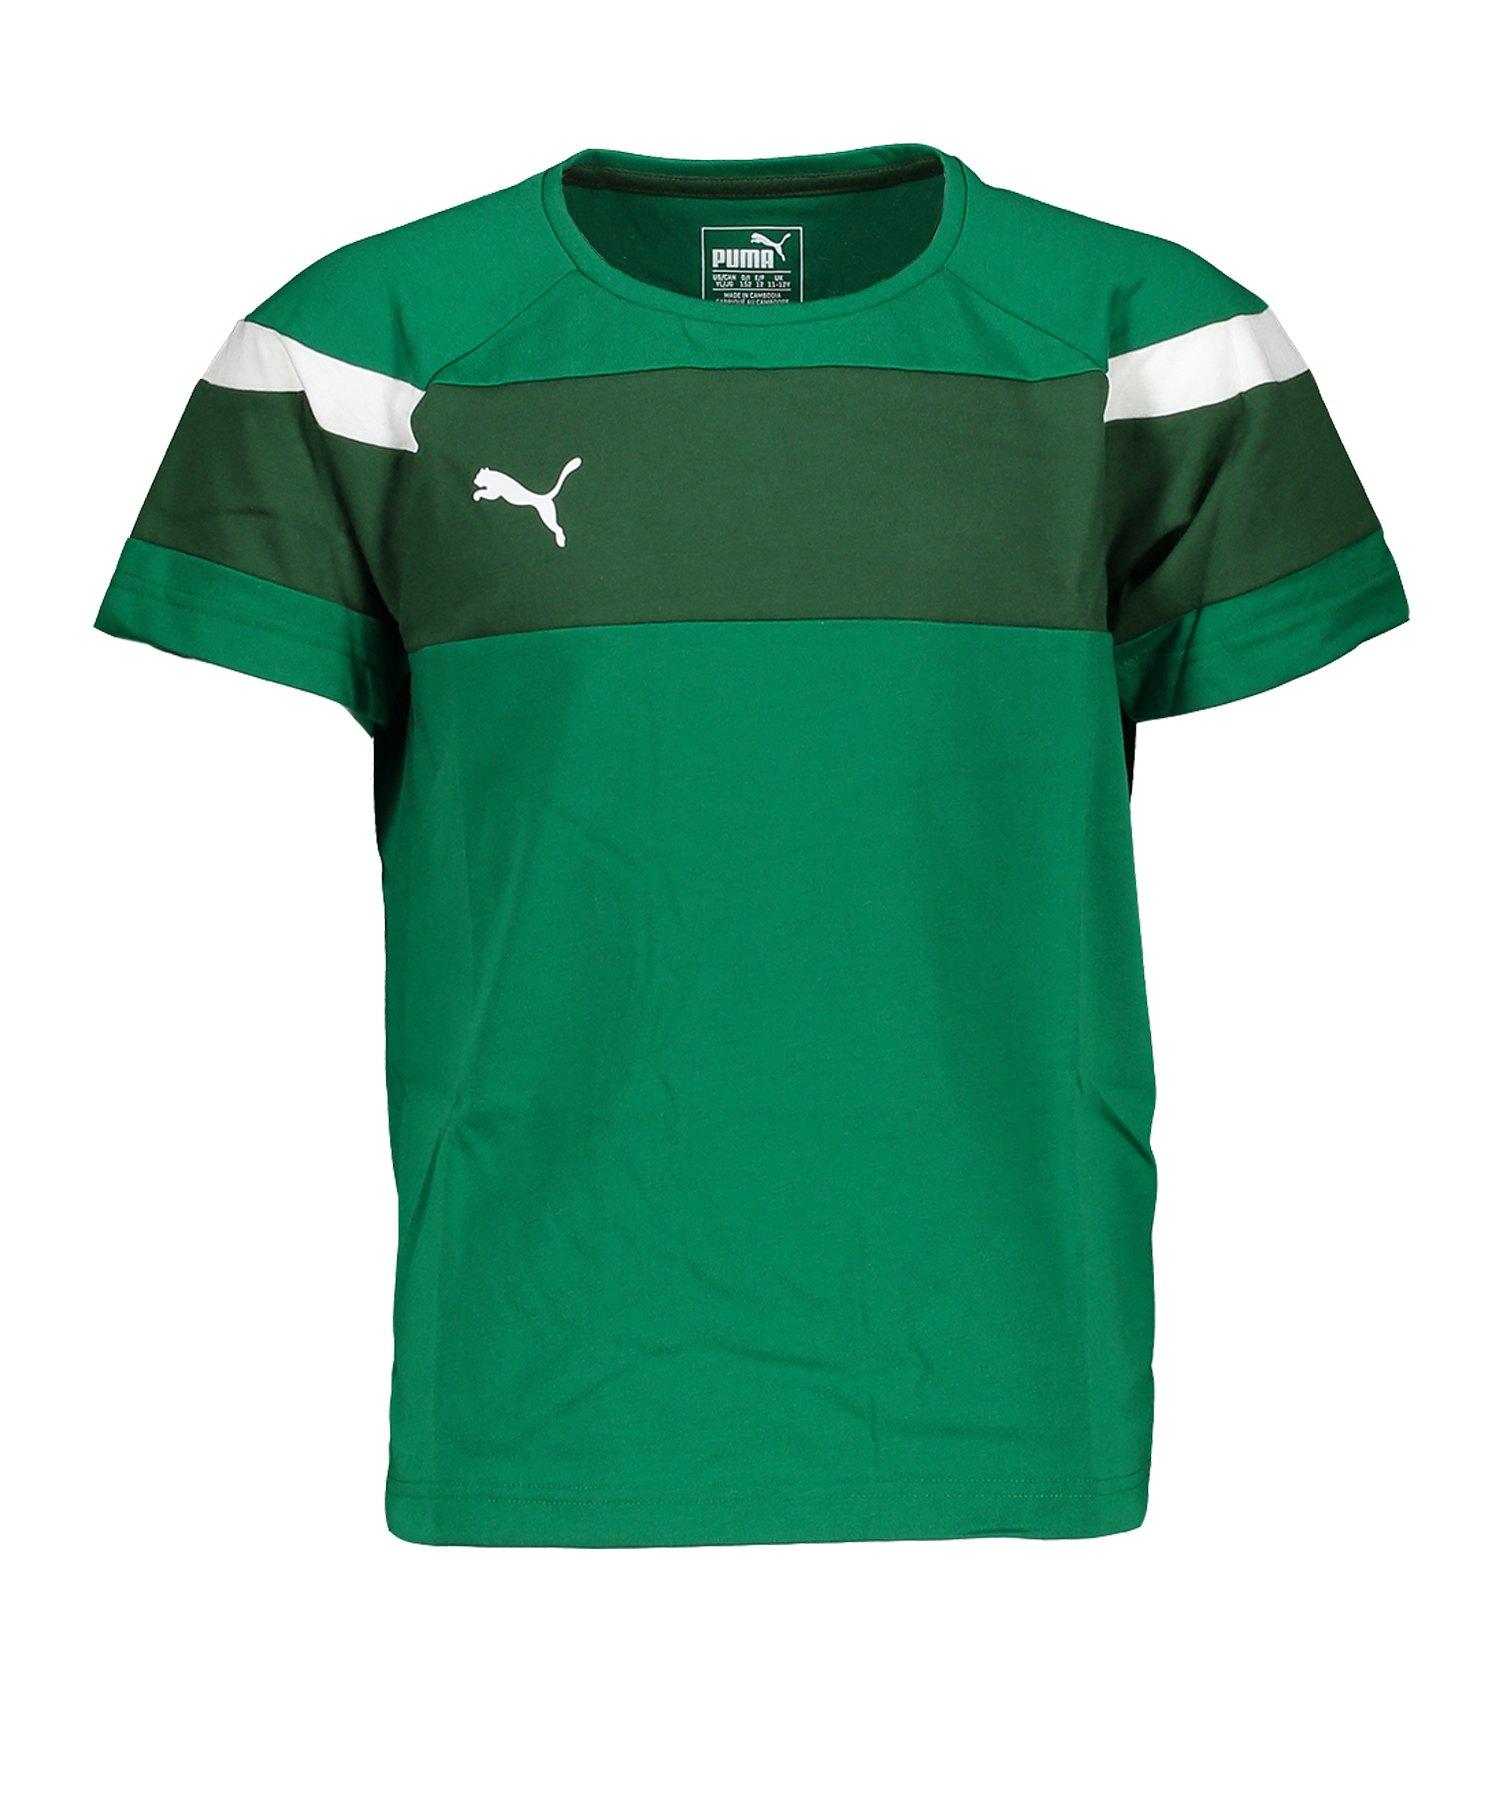 PUMA Spirit II Leisure T-Shirt Grün Weiss F05 - gruen